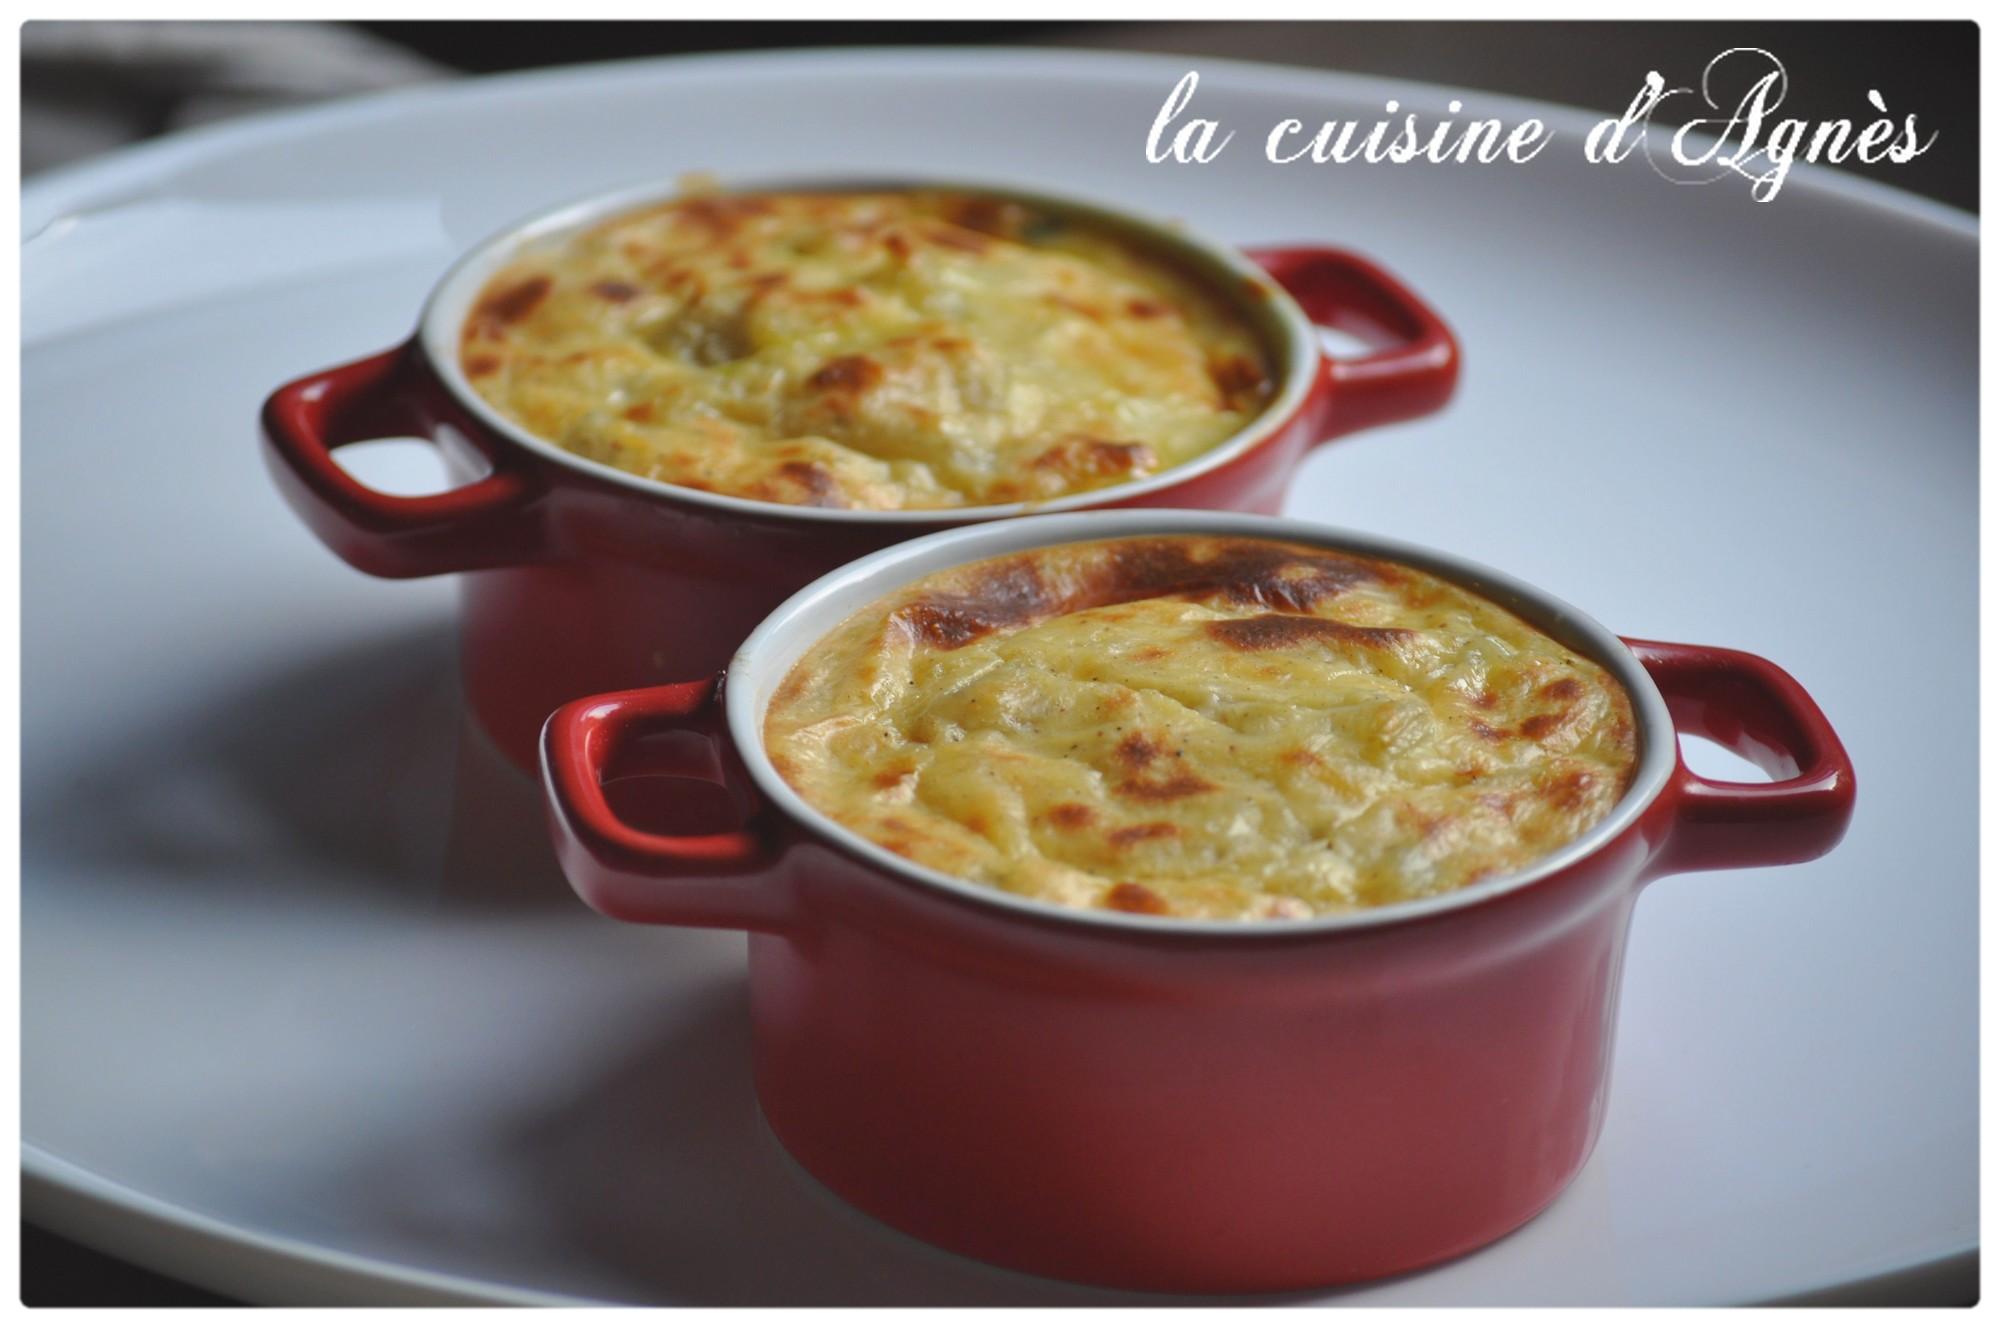 Gratin de blettes blogs de cuisine - Poste de chef de cuisine ...